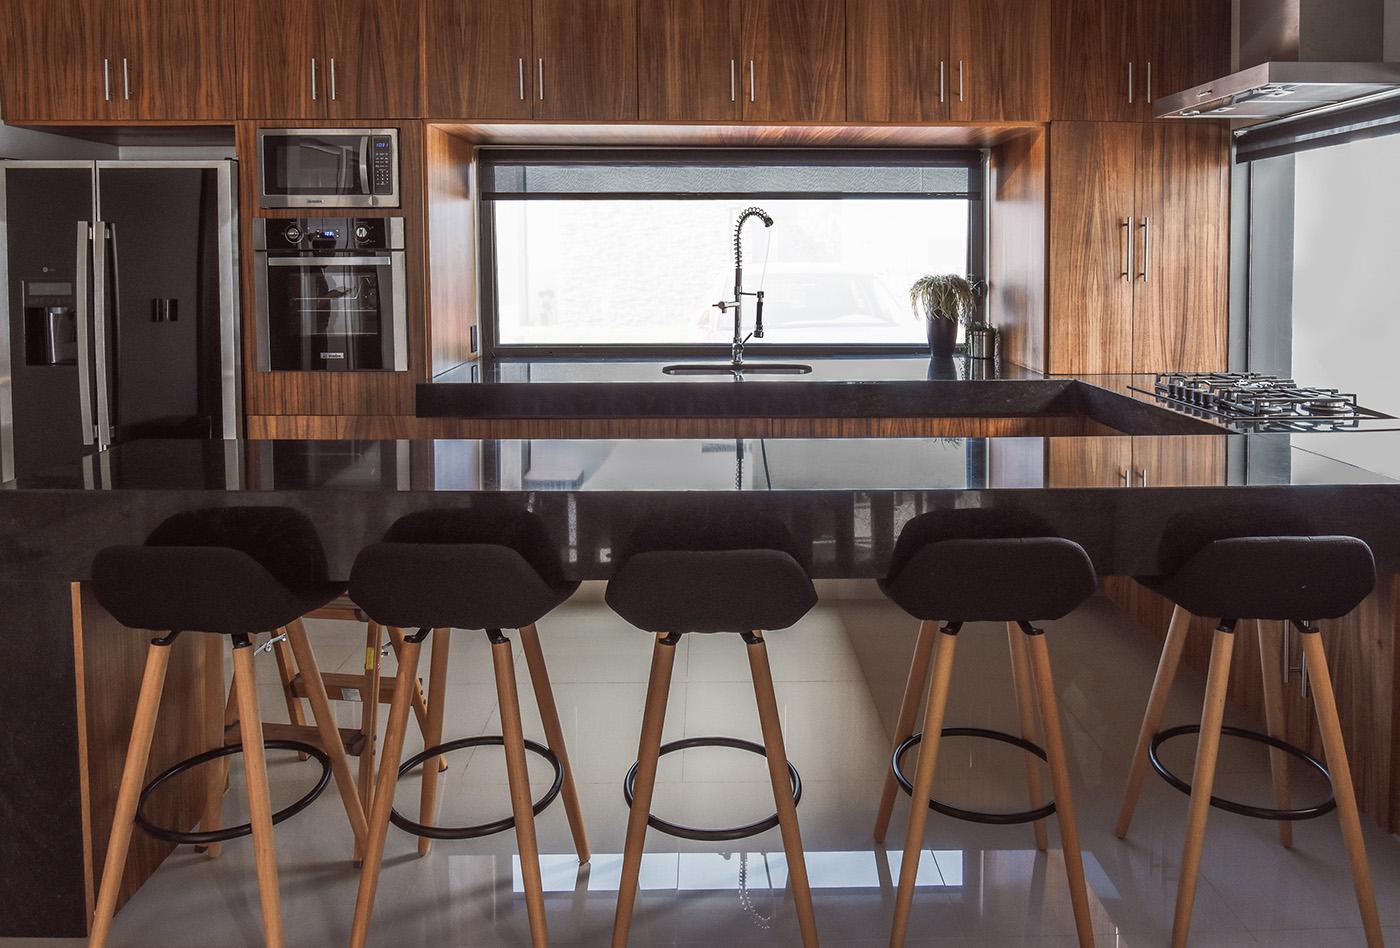 architecture Mexican Design interior design  wood house Guadalajara